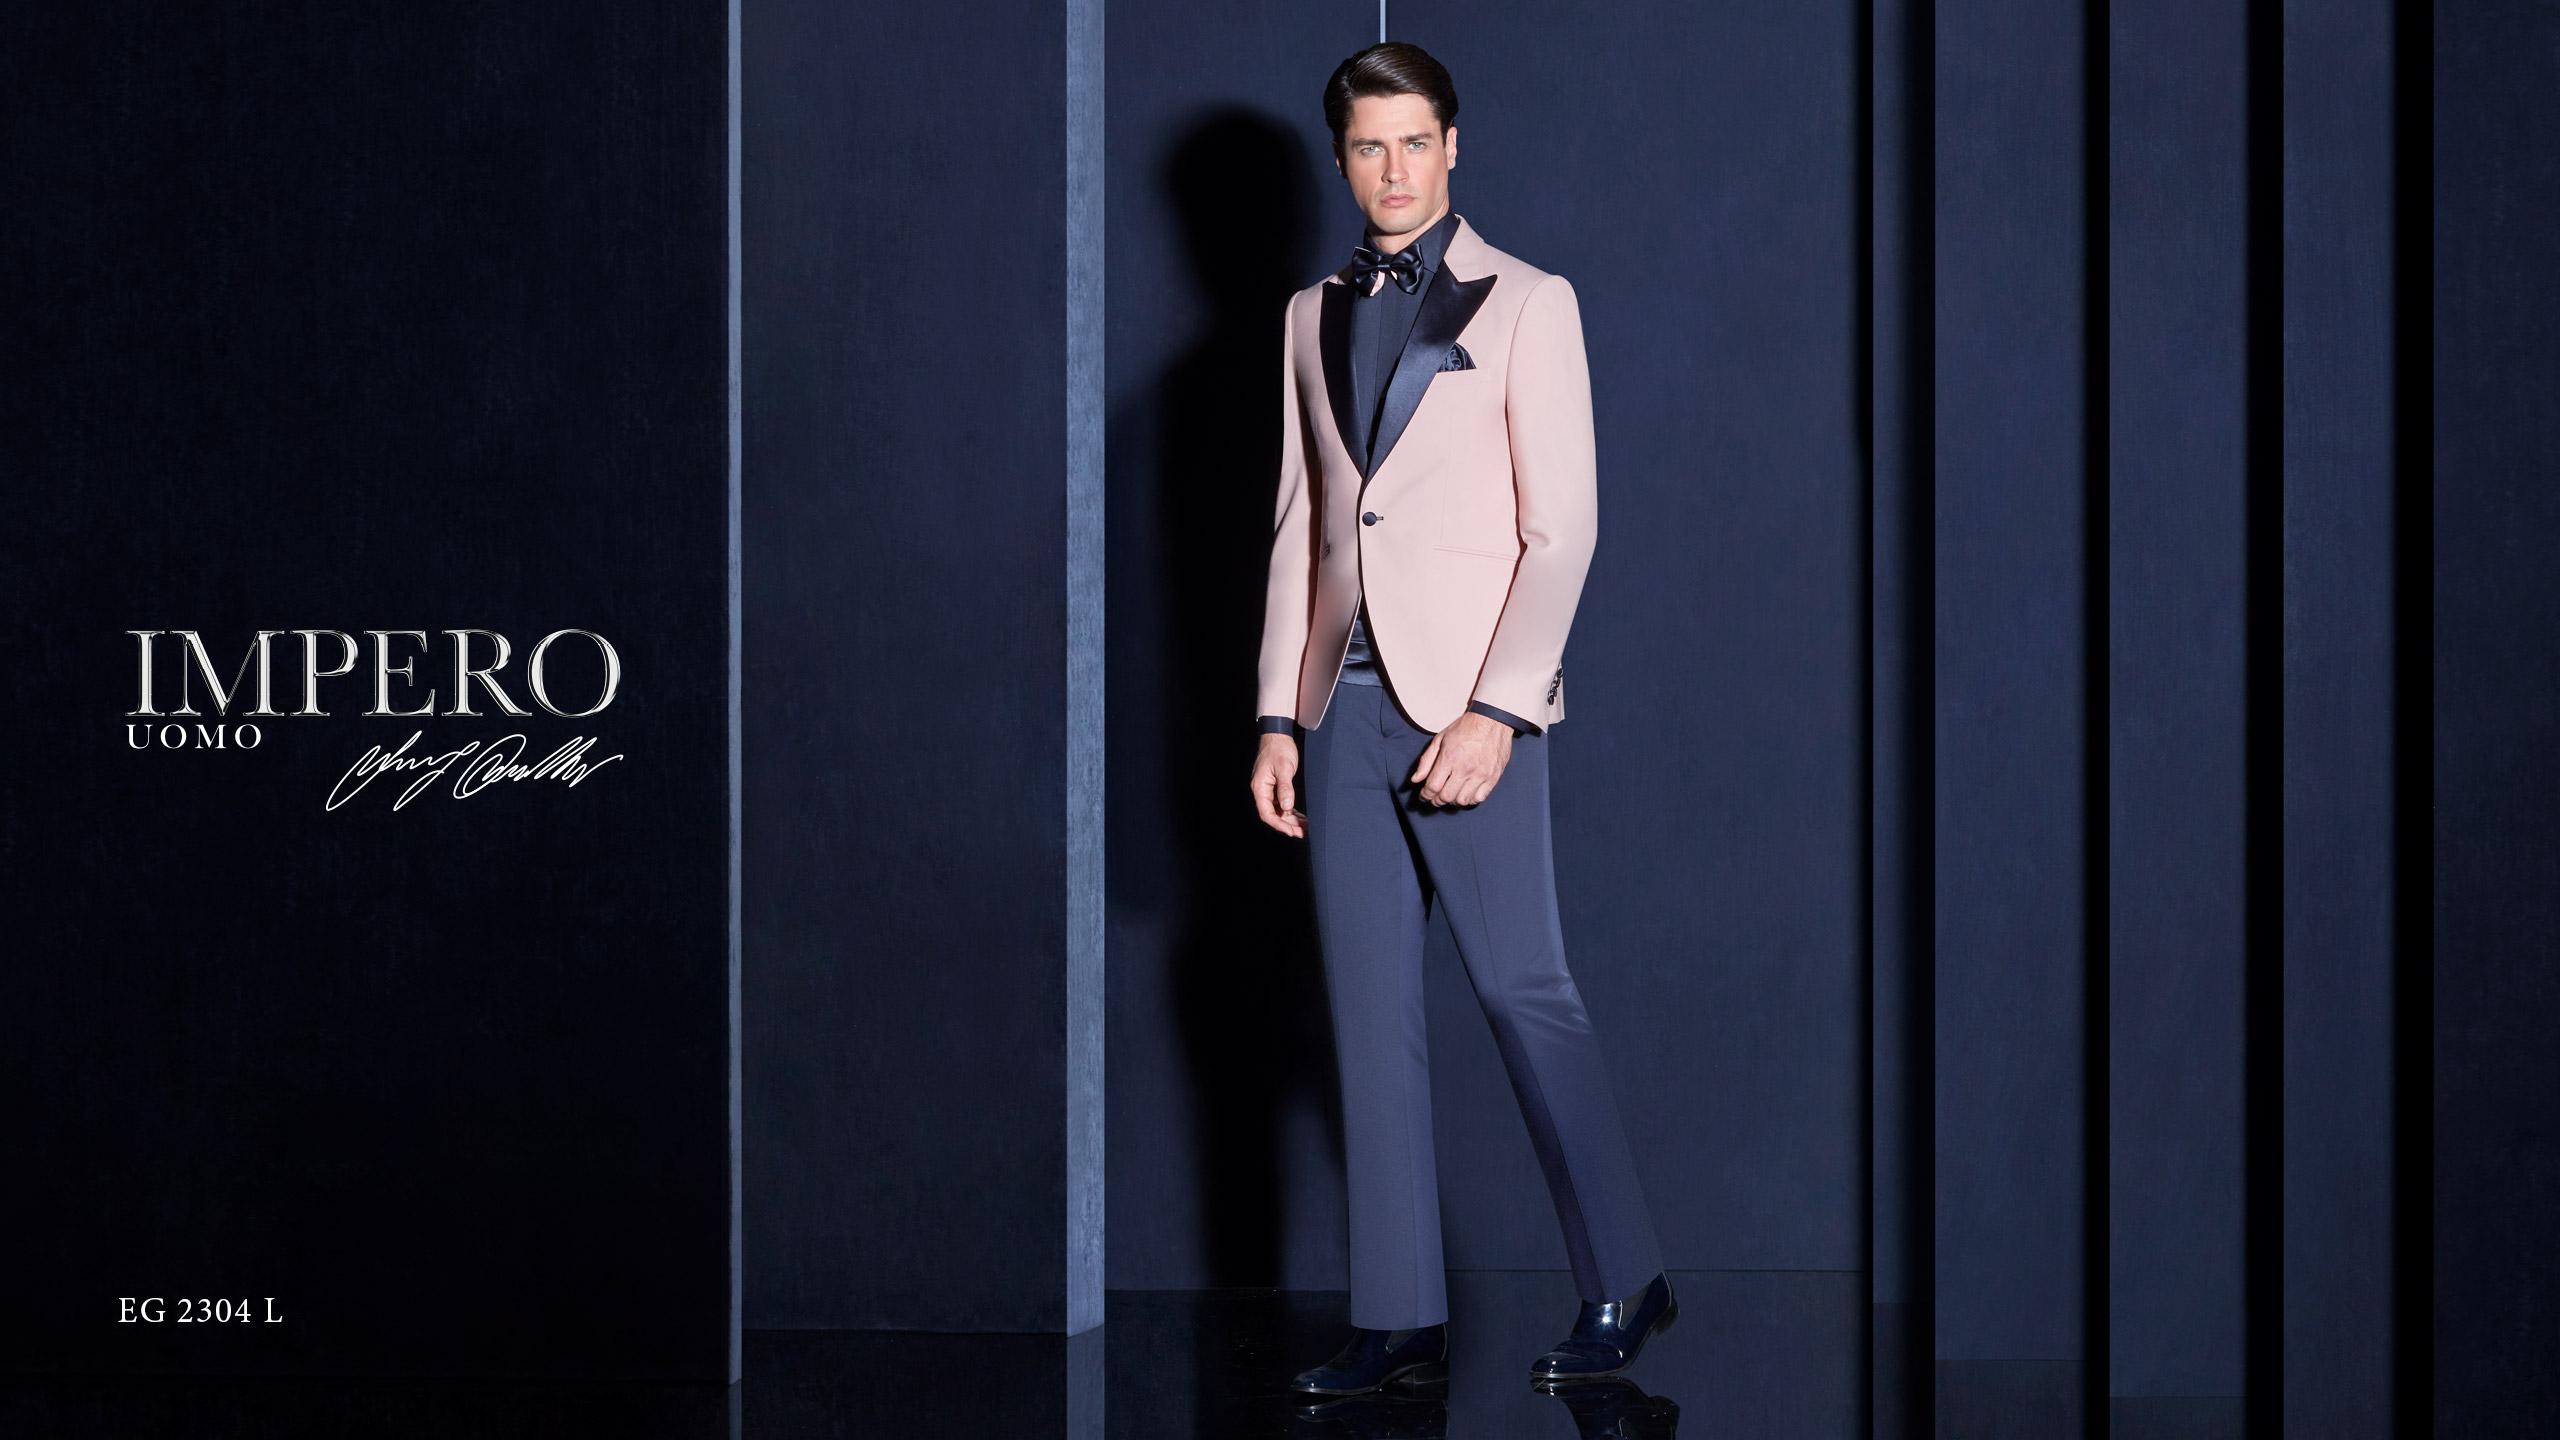 Abito da cerimonia uomo giovanile con giacca rosa Impero Couture